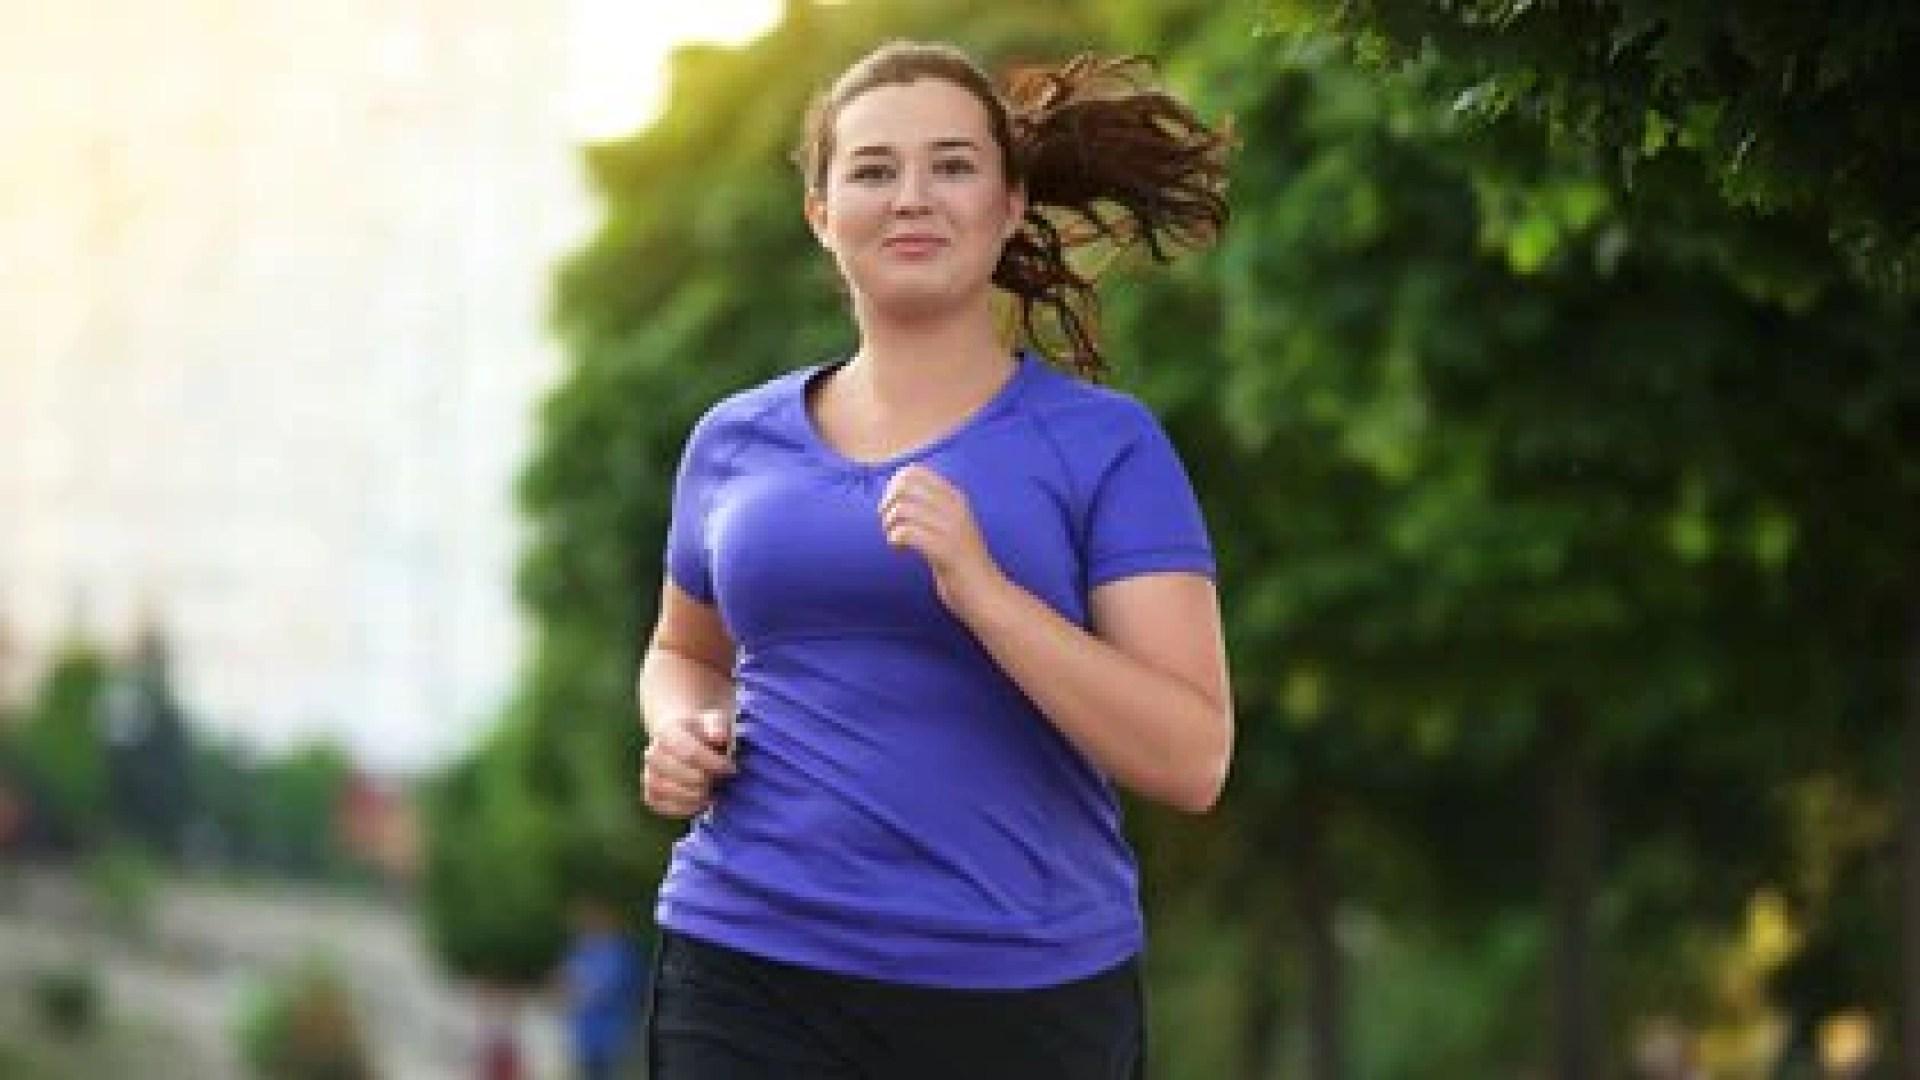 La actividad física y la alimentación saludable son dos aliadas fundamentales para bajar de peso (Shutterstock)